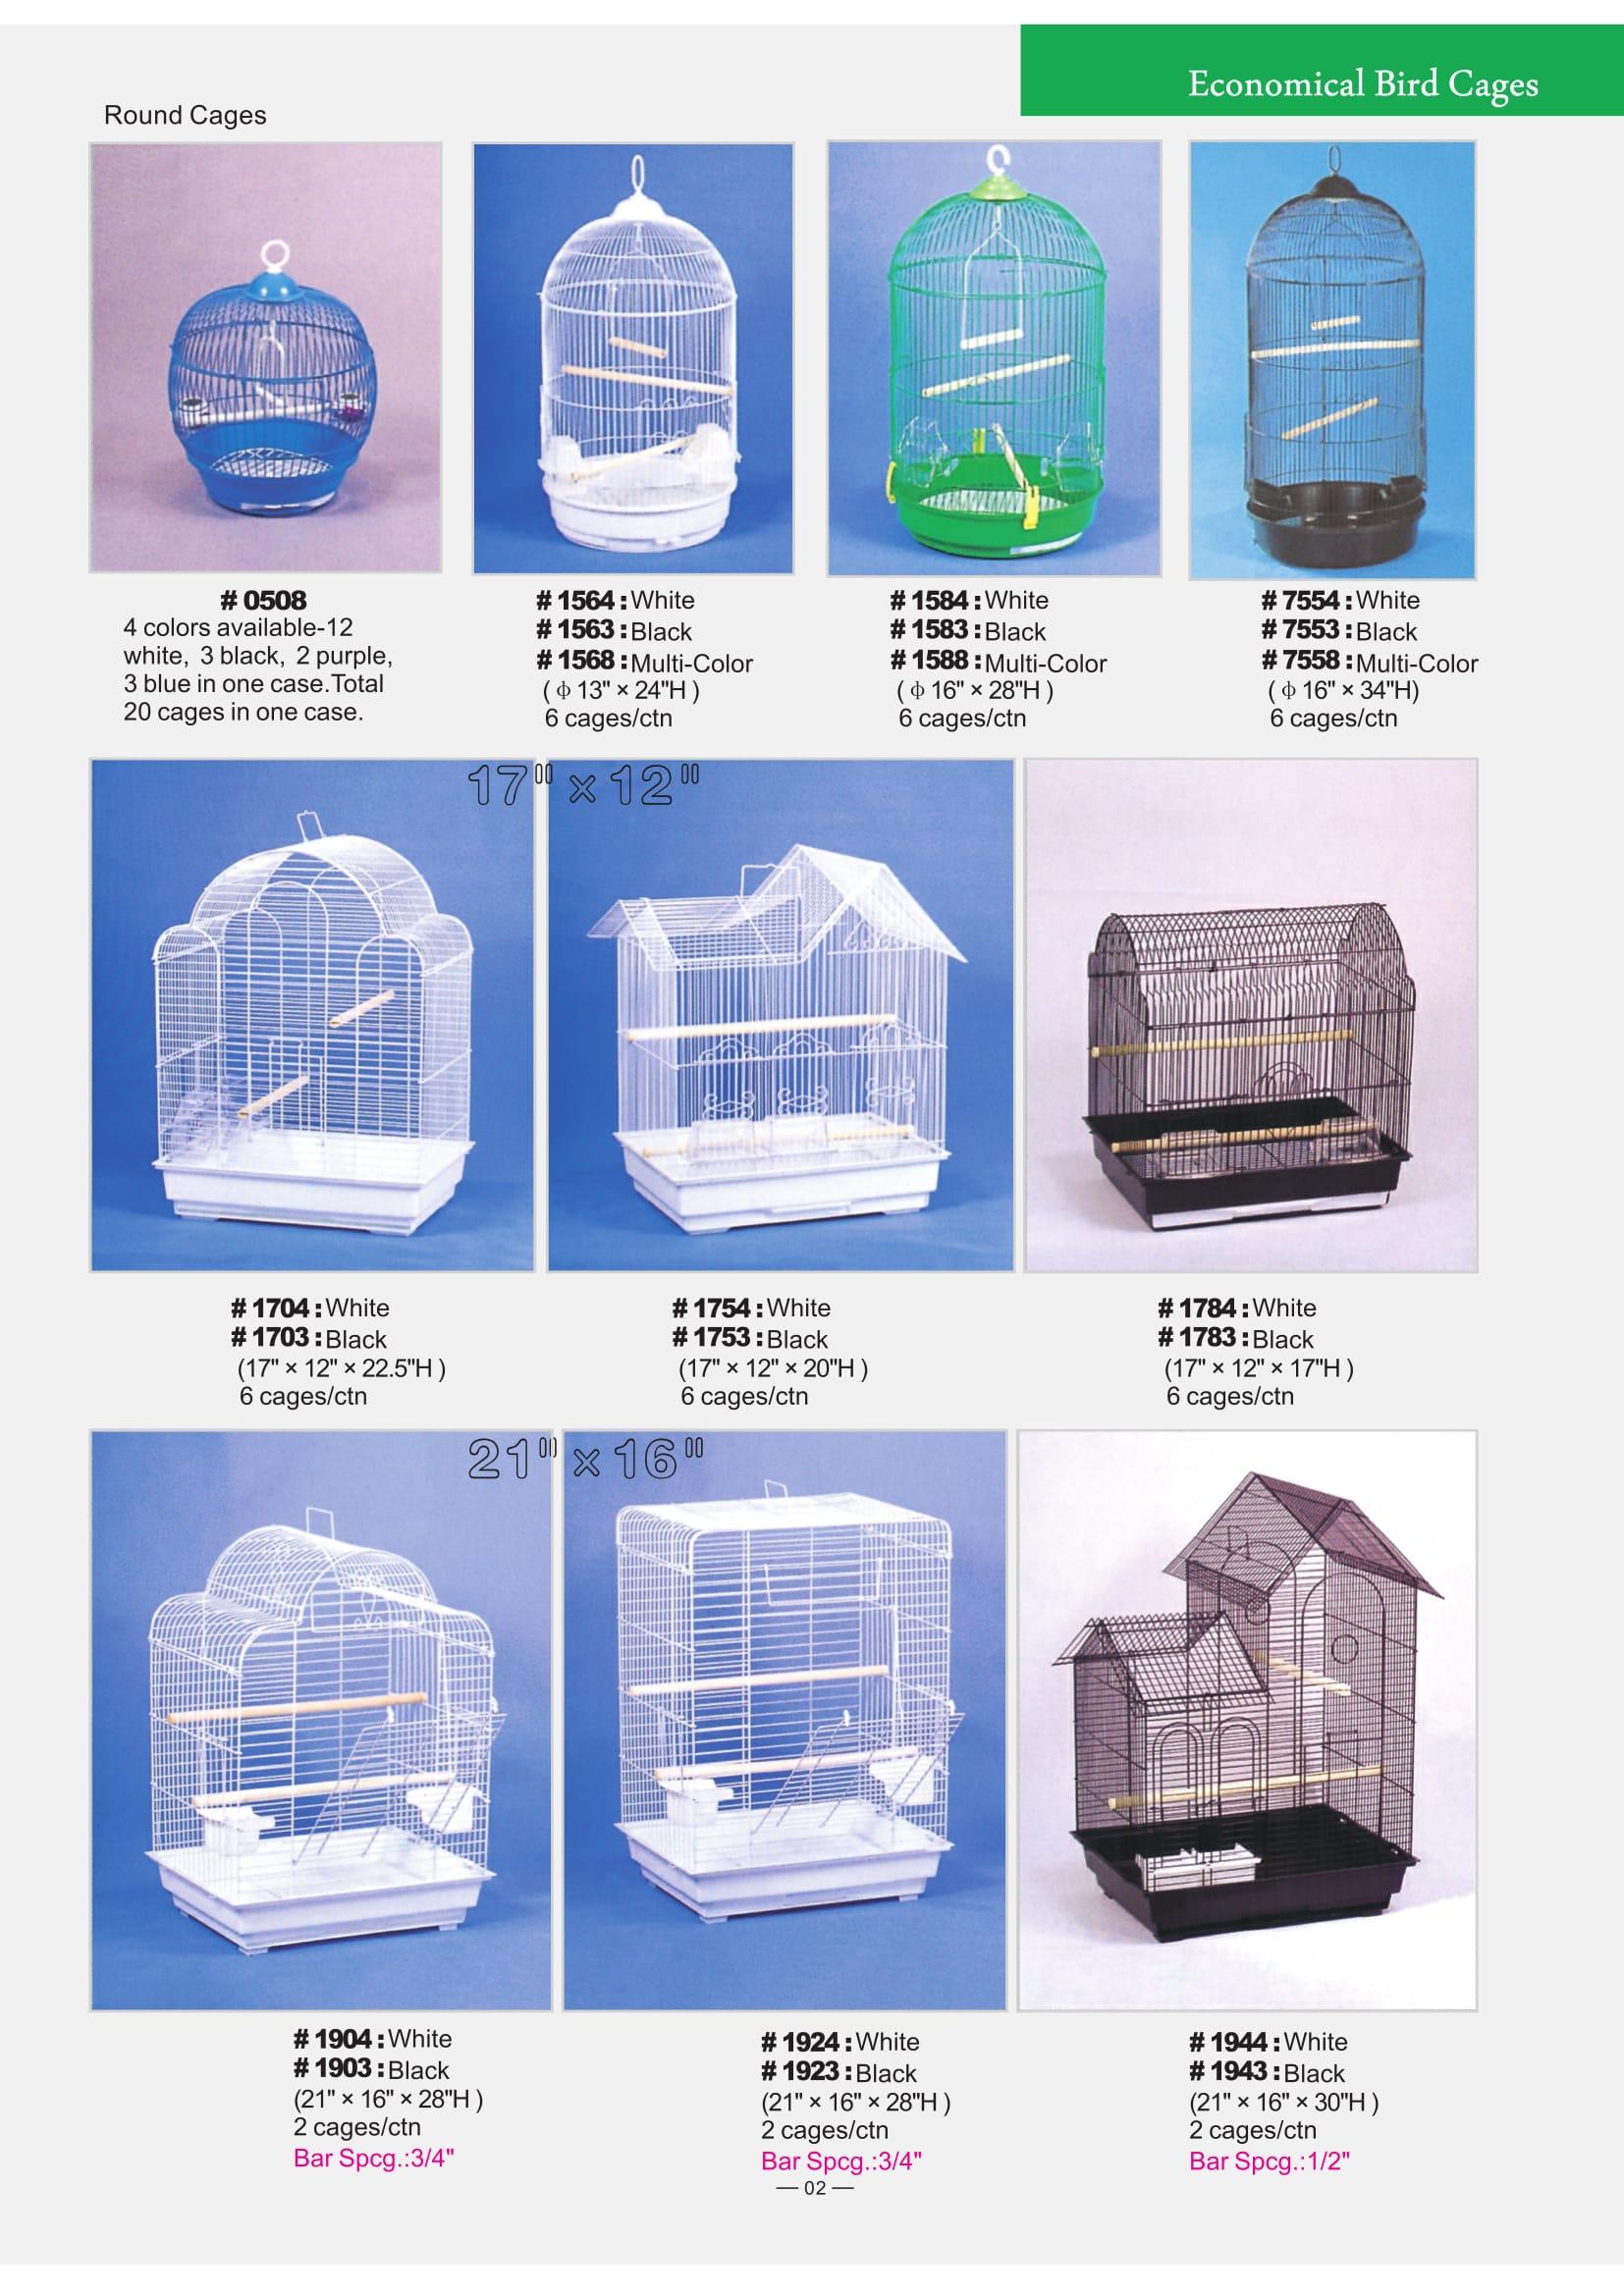 2. Economical Bird Cages Part 1-2